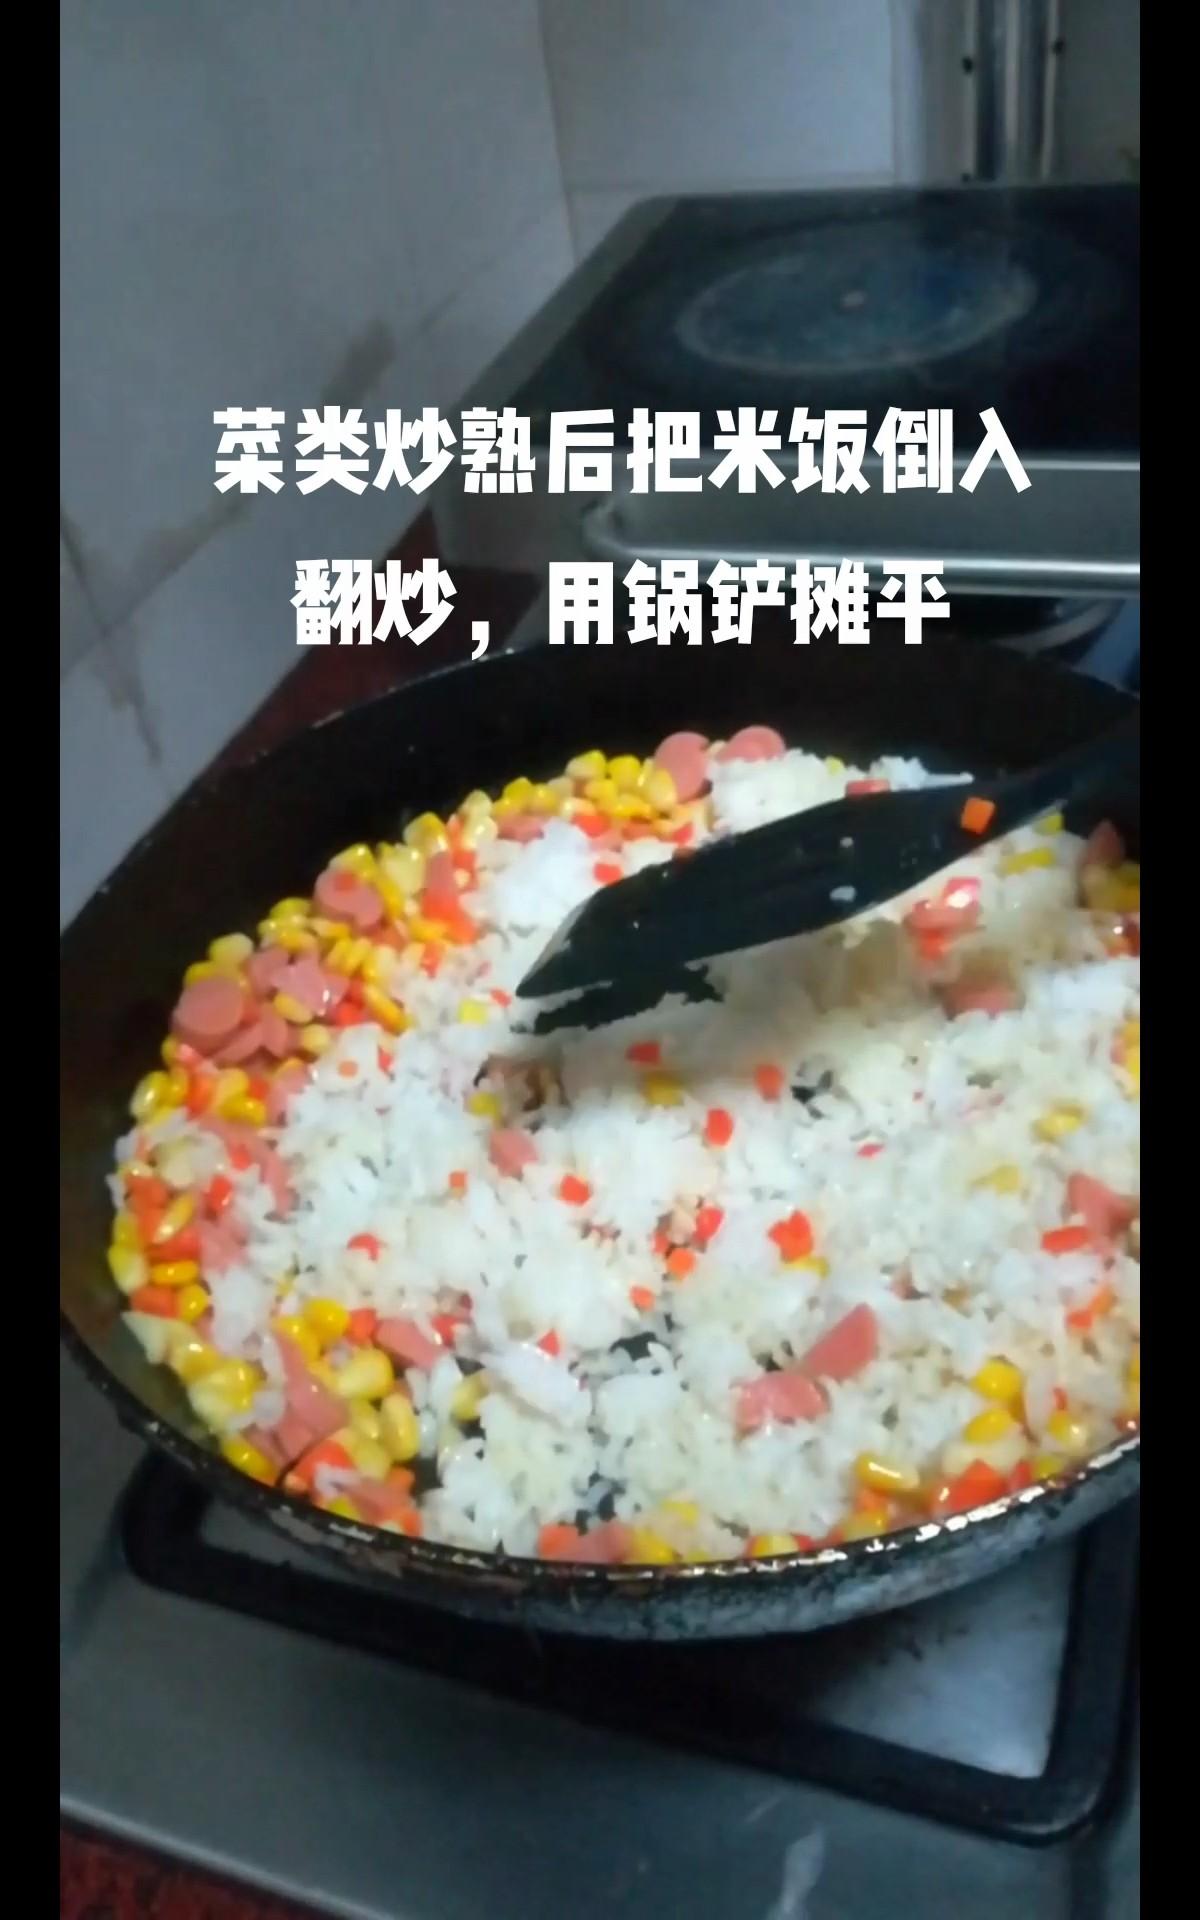 玉米蛋炒饭怎么做